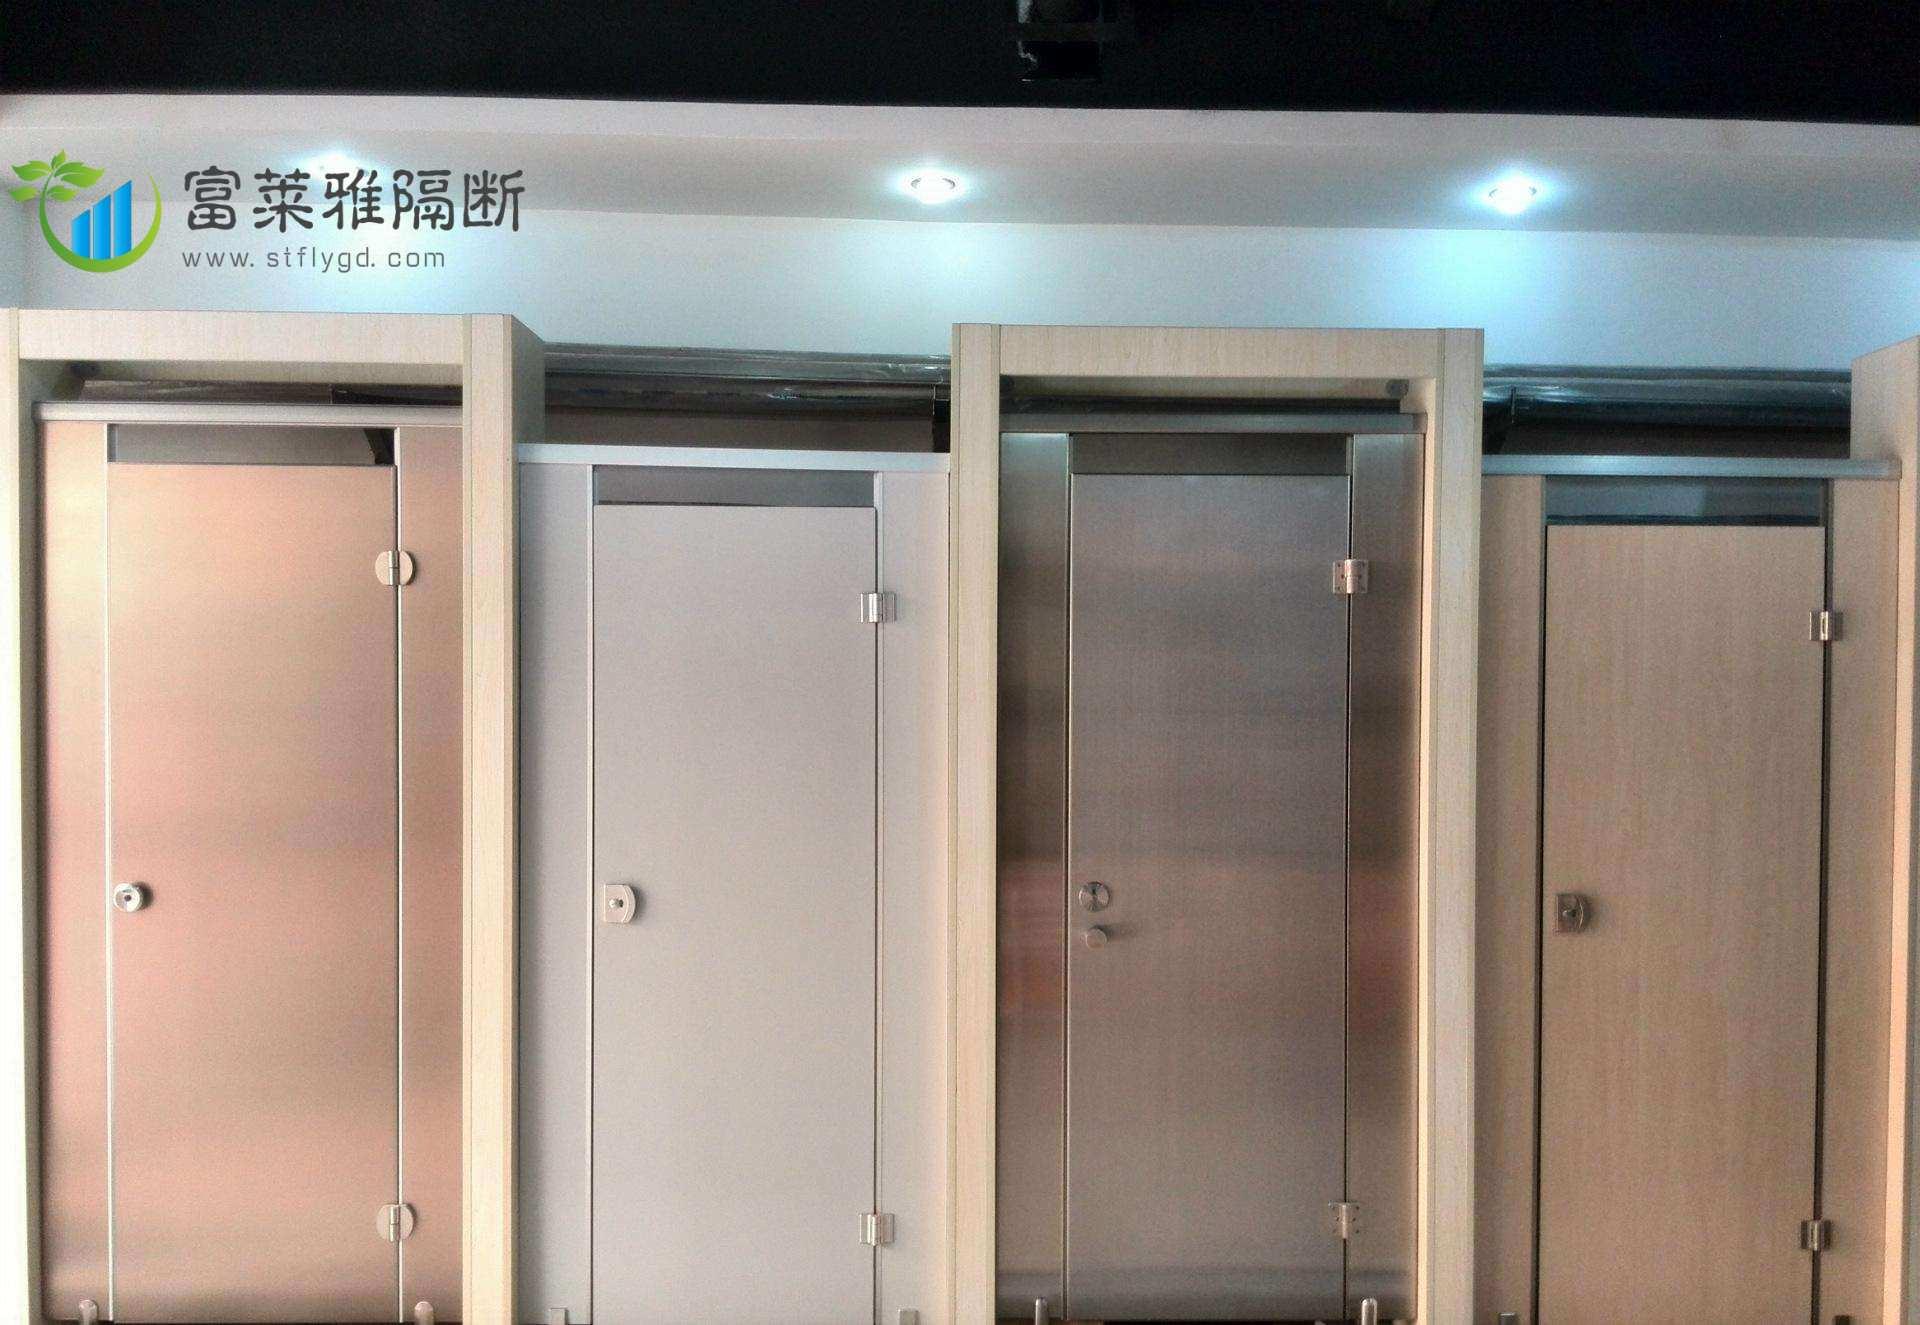 惠州卫生间隔断揭阳卫生间隔断潮州卫生间隔断——富莱雅隔断